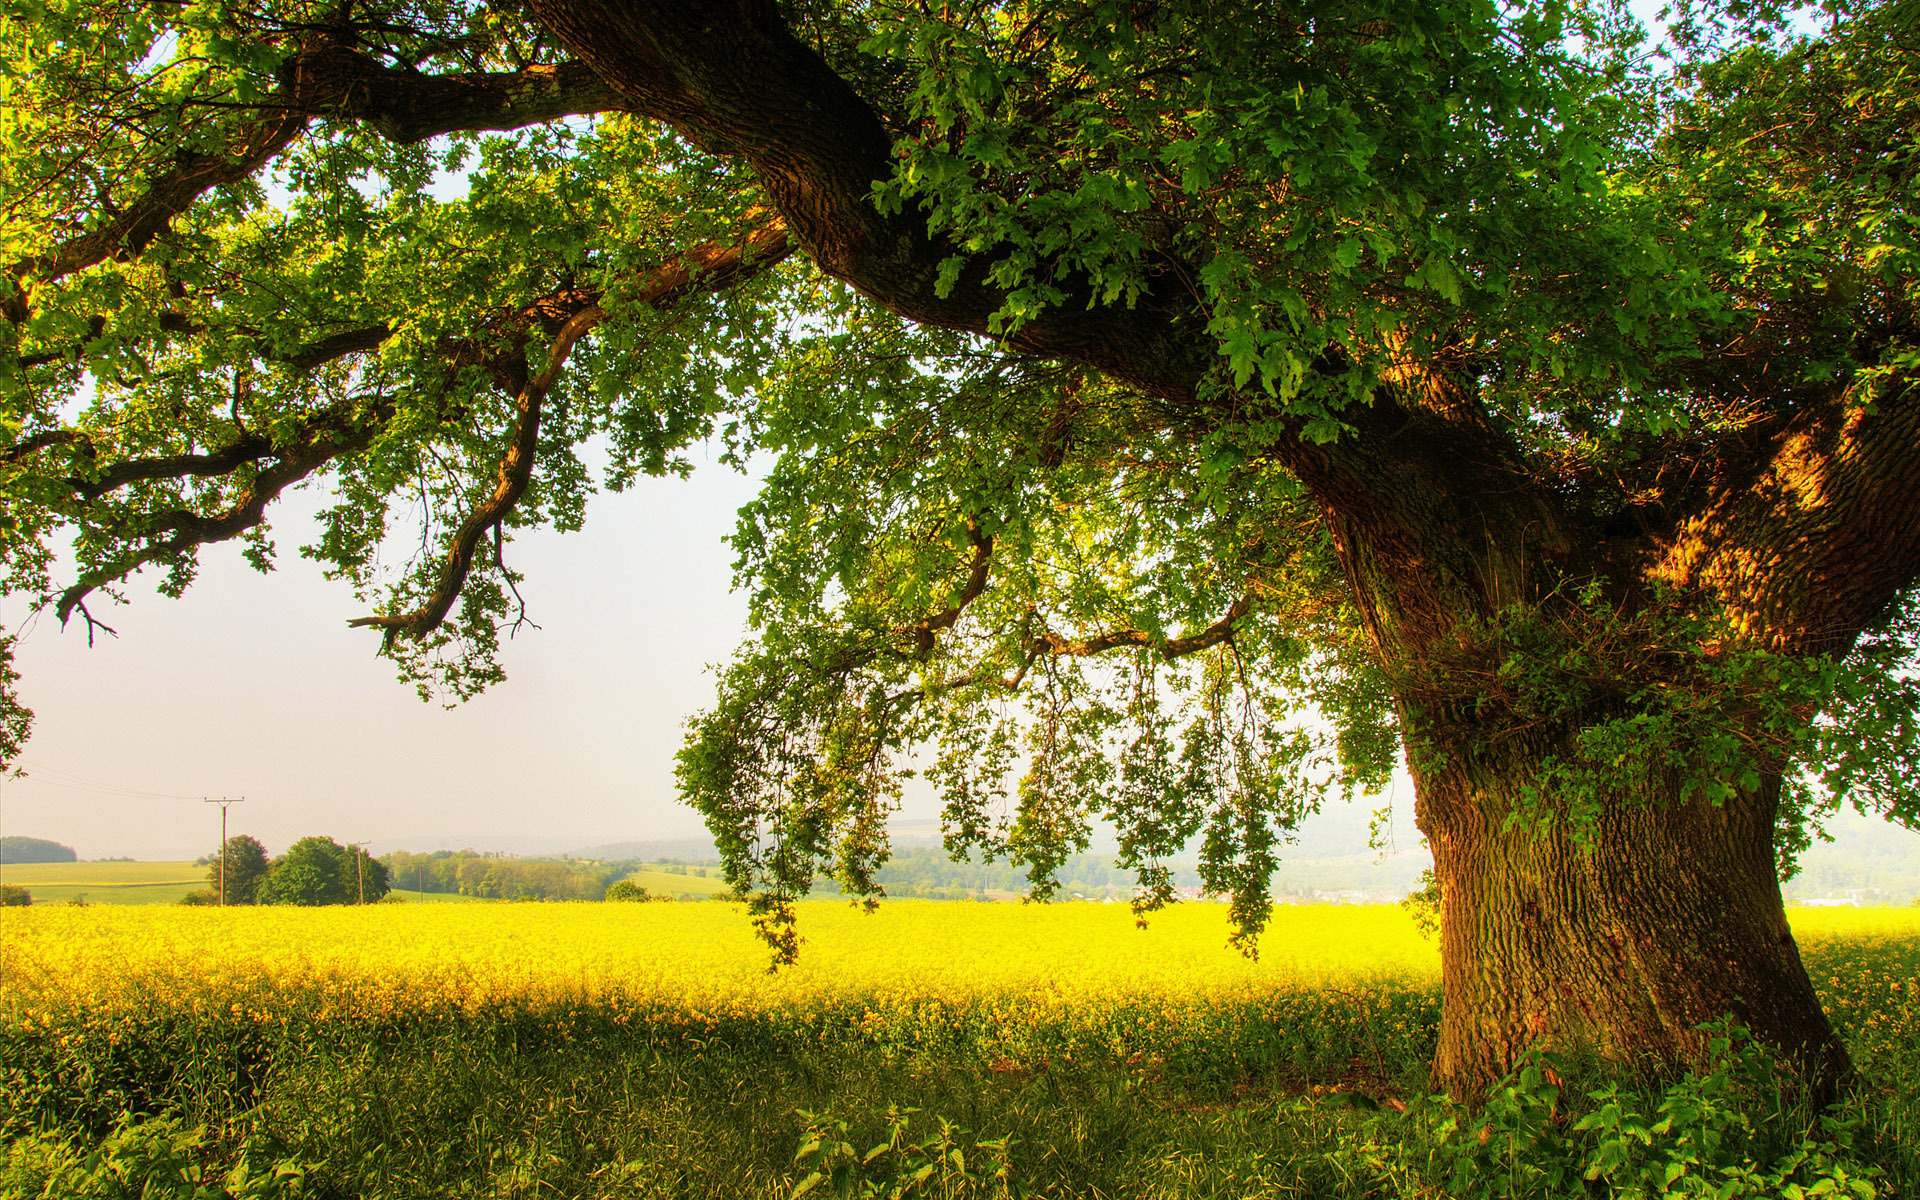 oak-tree-nature-hd-wallpaper-1920x1200-9606